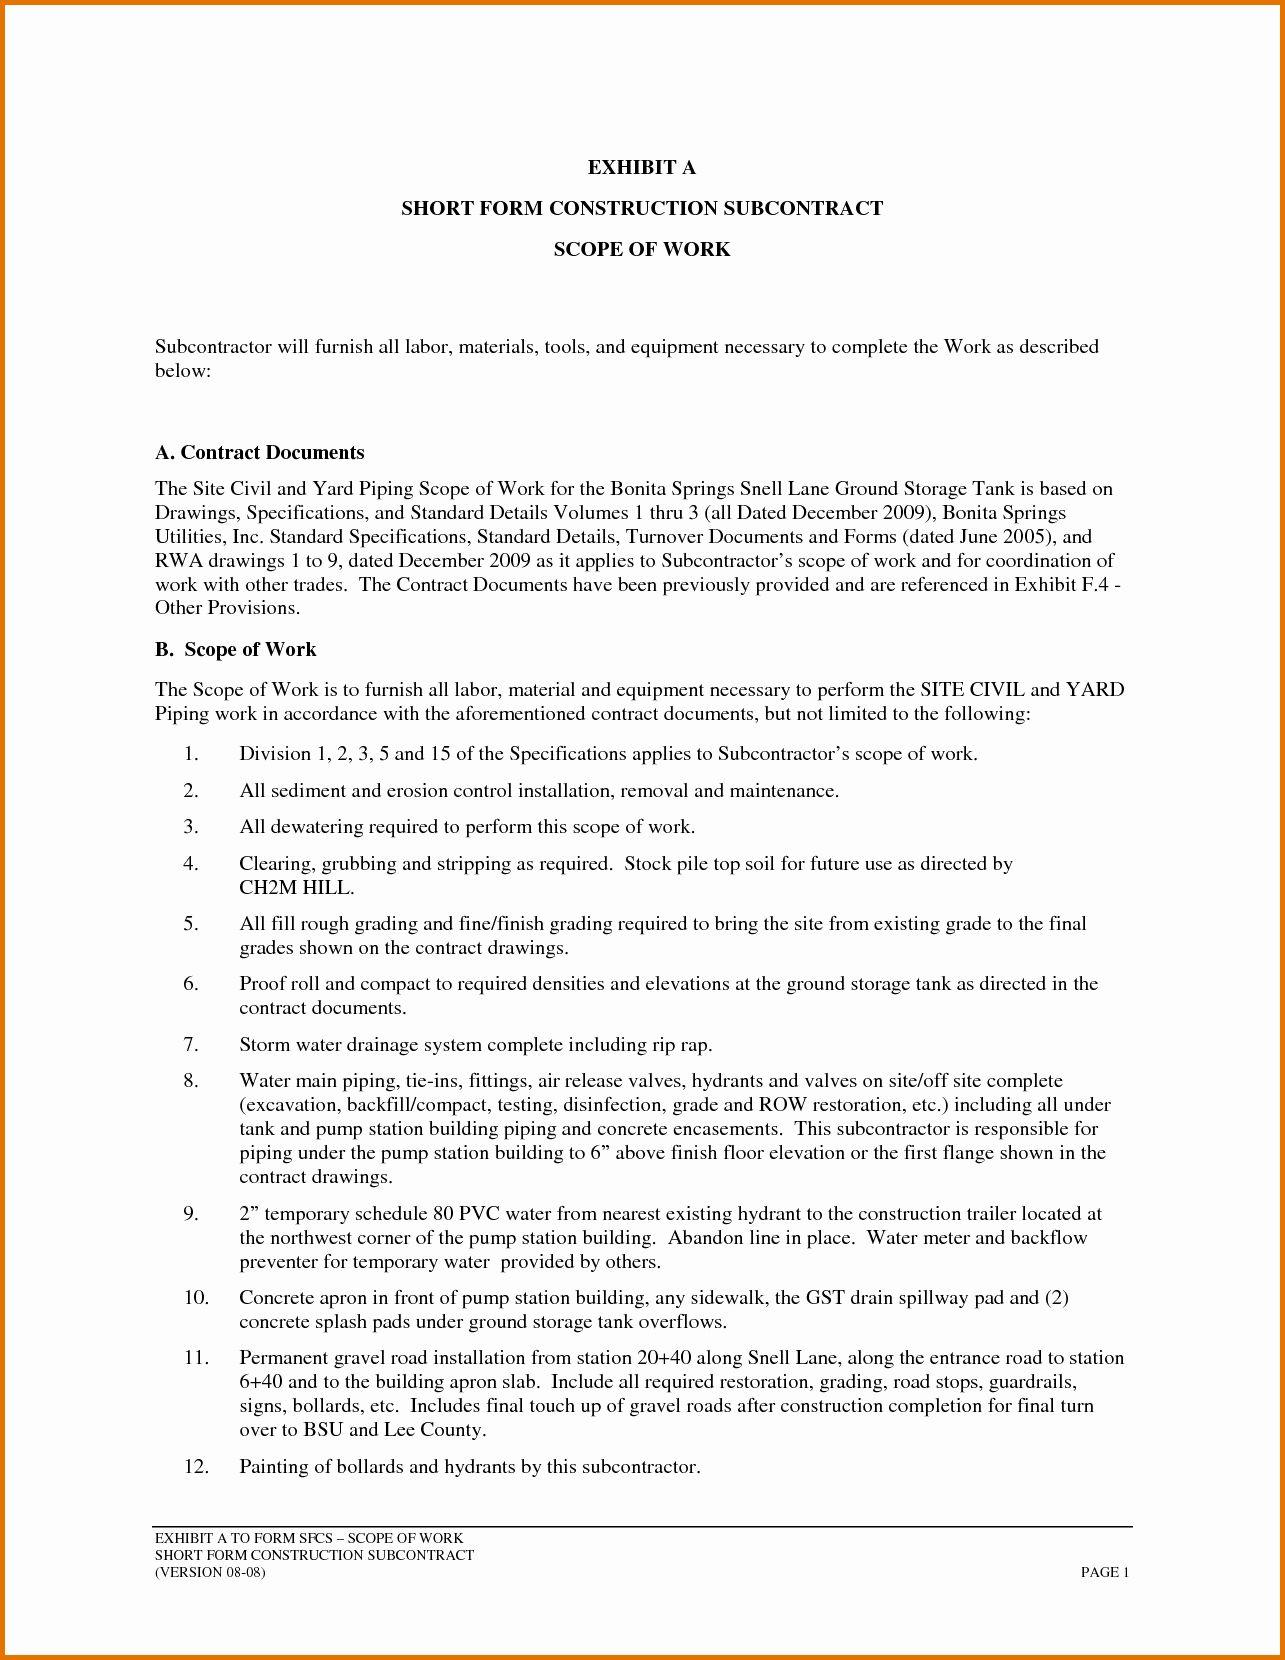 Contractor Scope Of Work Template New 7 Construction Scope Of Work Templatereference Letters Templates Contractors Scope